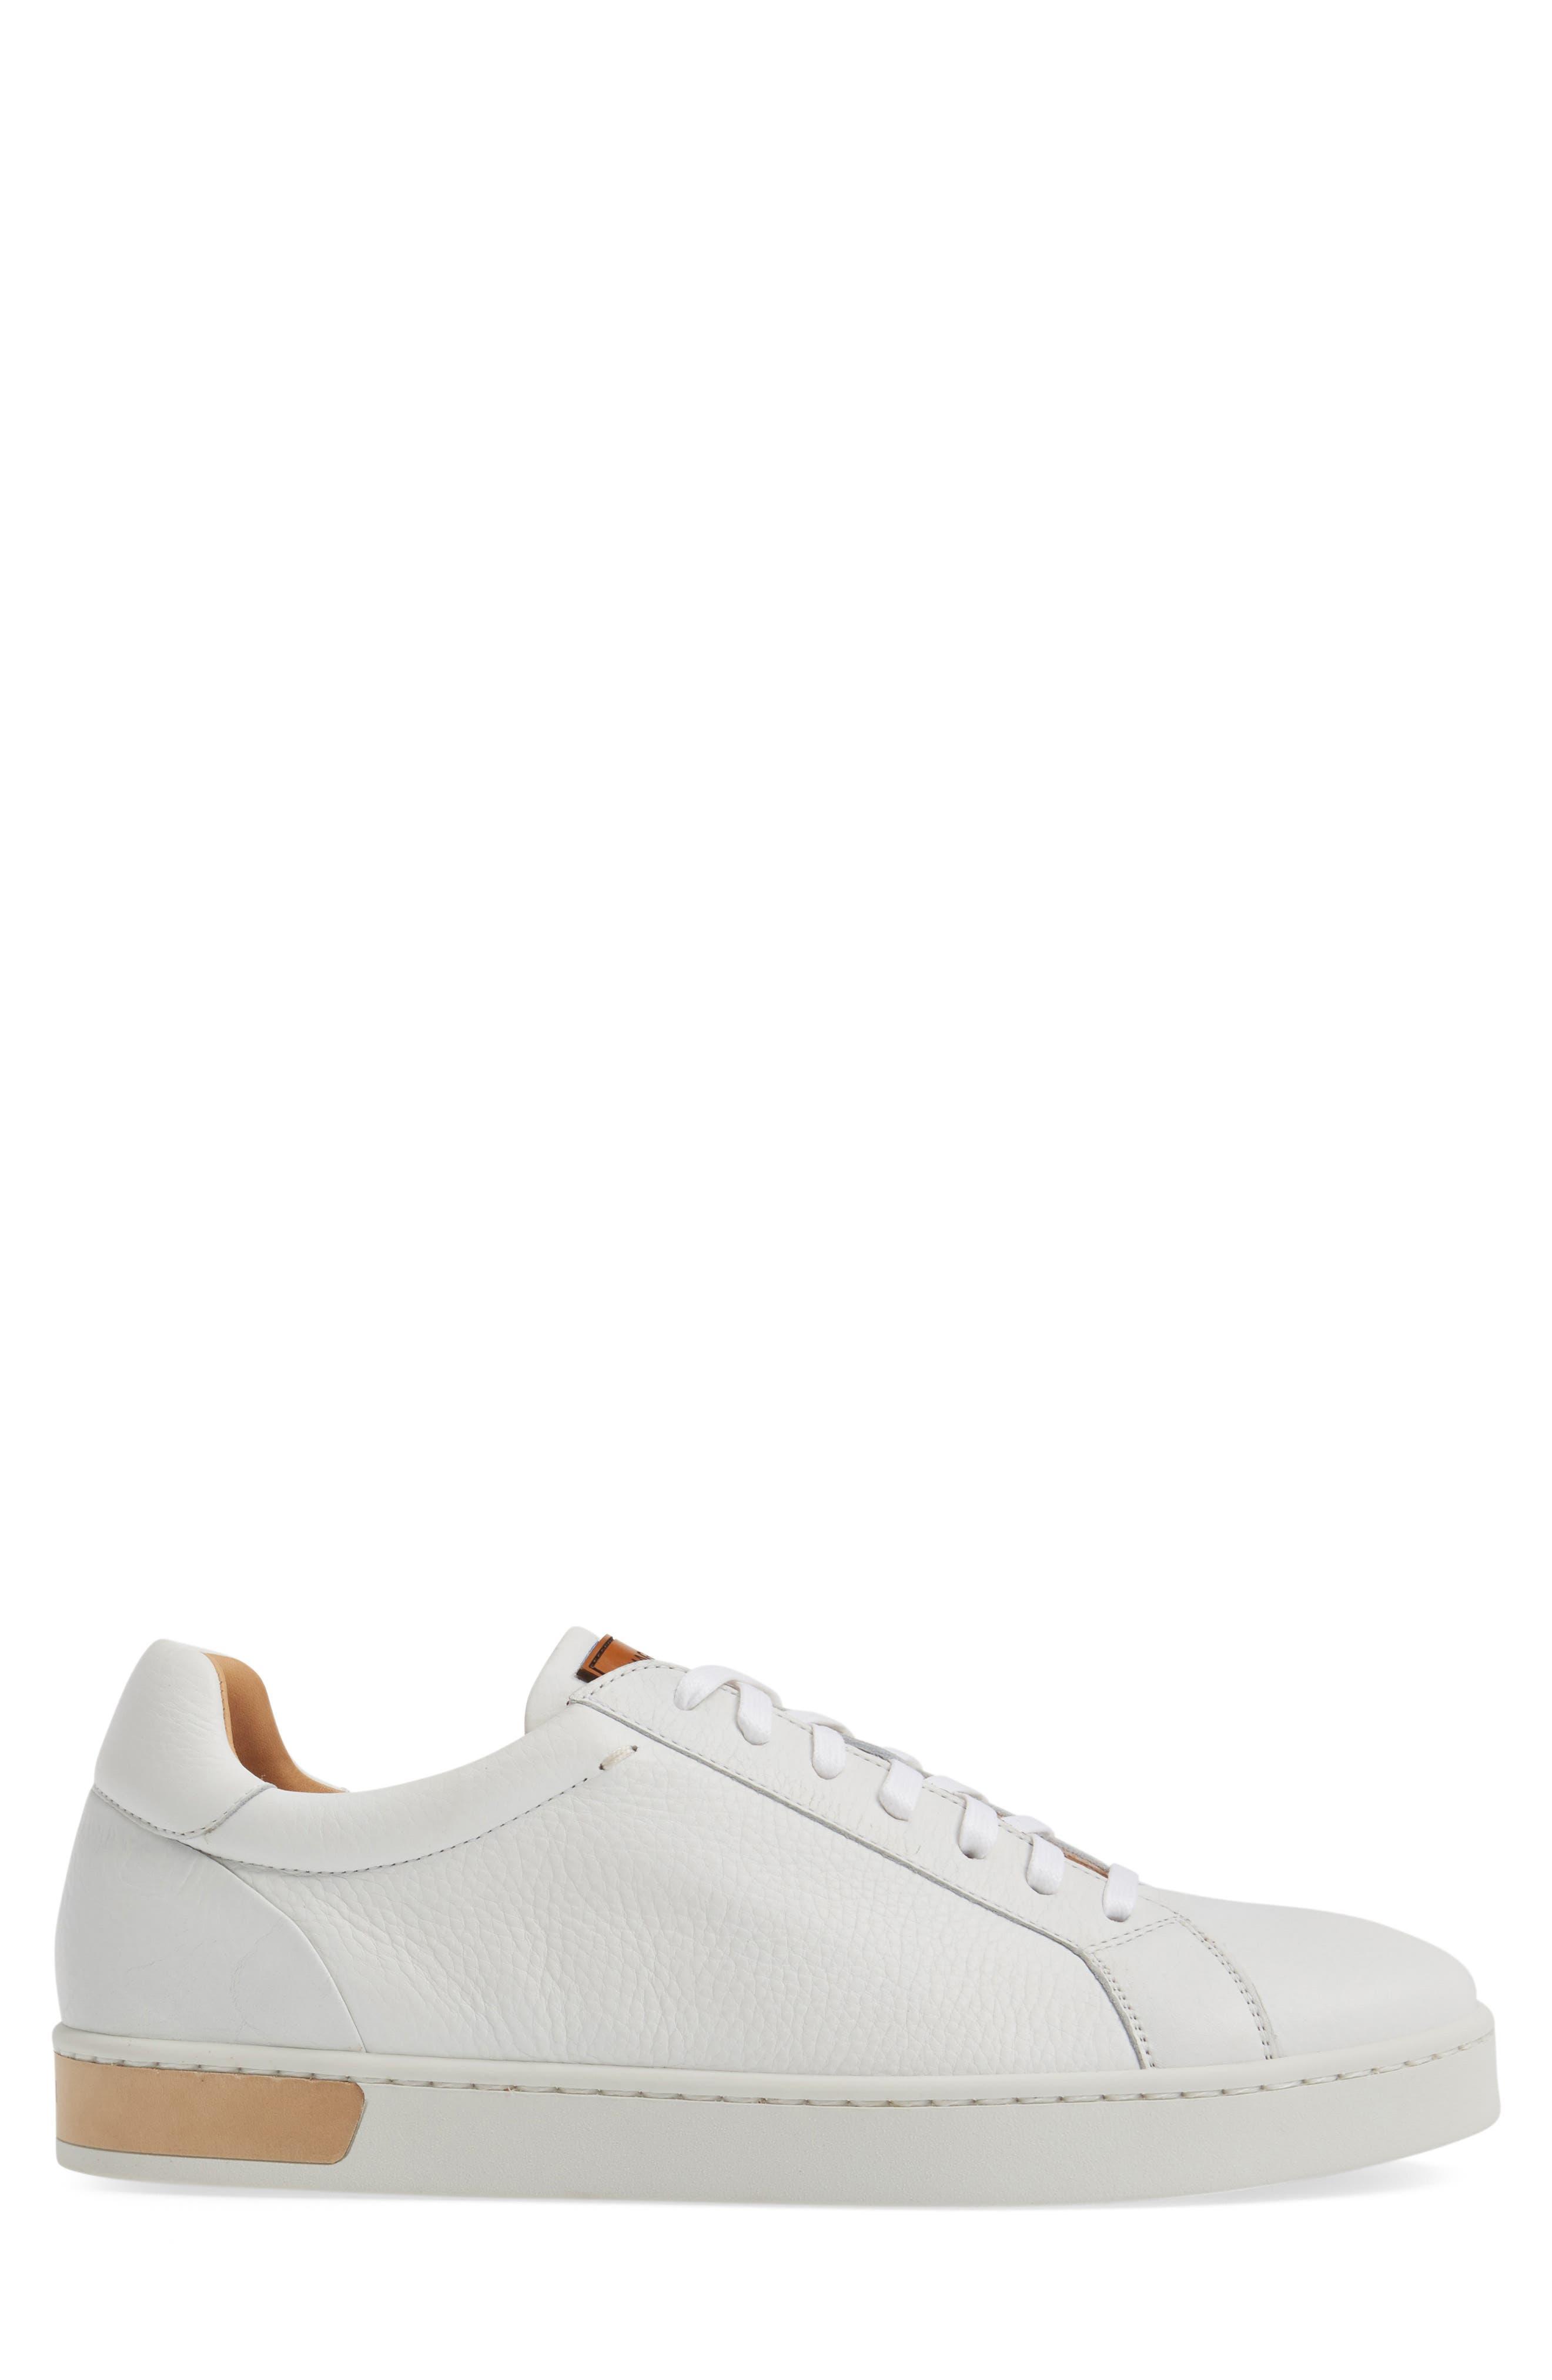 Caballero Sneaker,                             Alternate thumbnail 3, color,                             White Leather